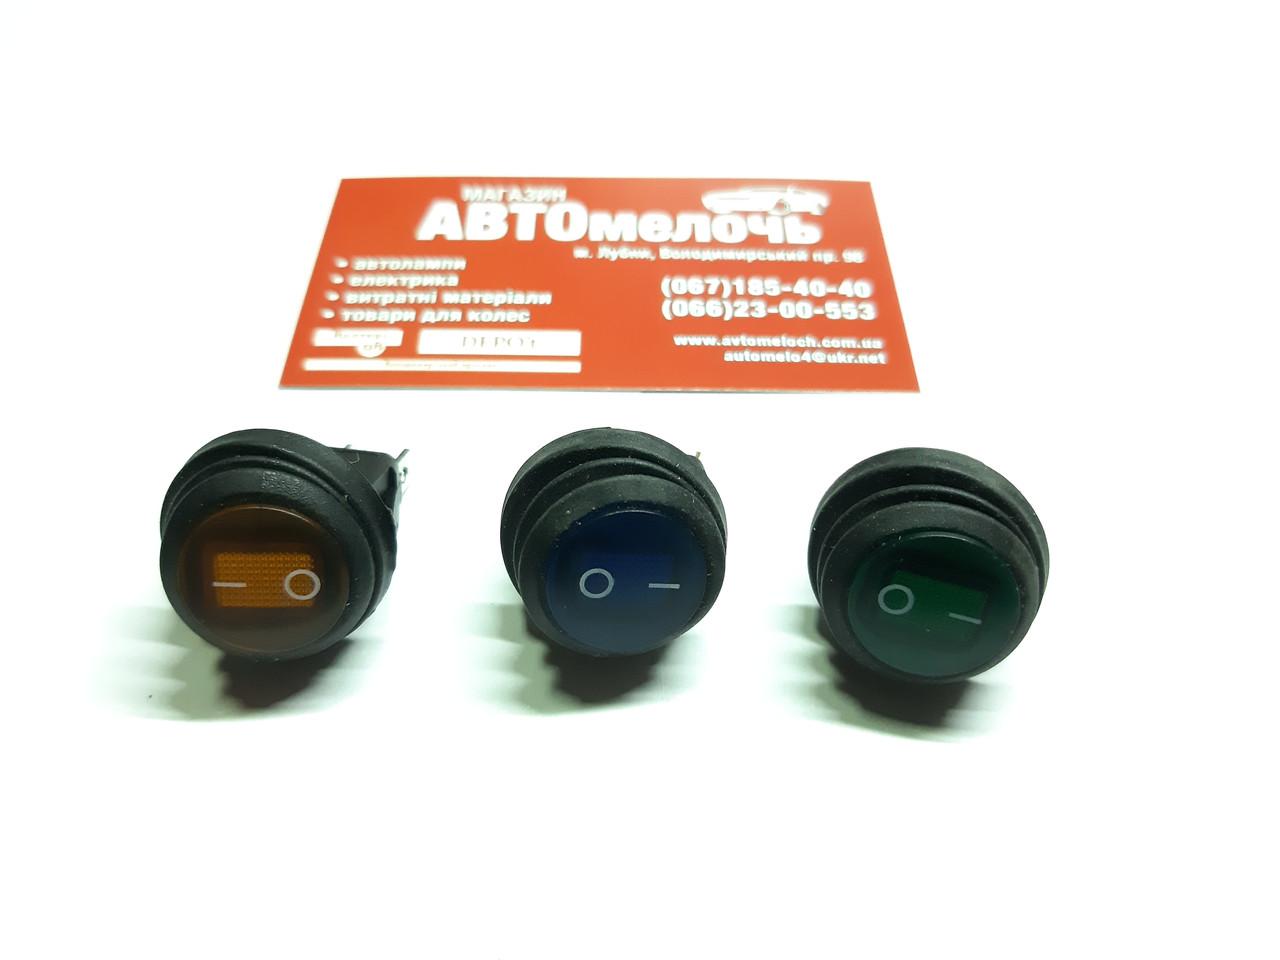 Включатель кнопочный 21х28 средний герметичный на 2 положение (цвета в ассортименте)